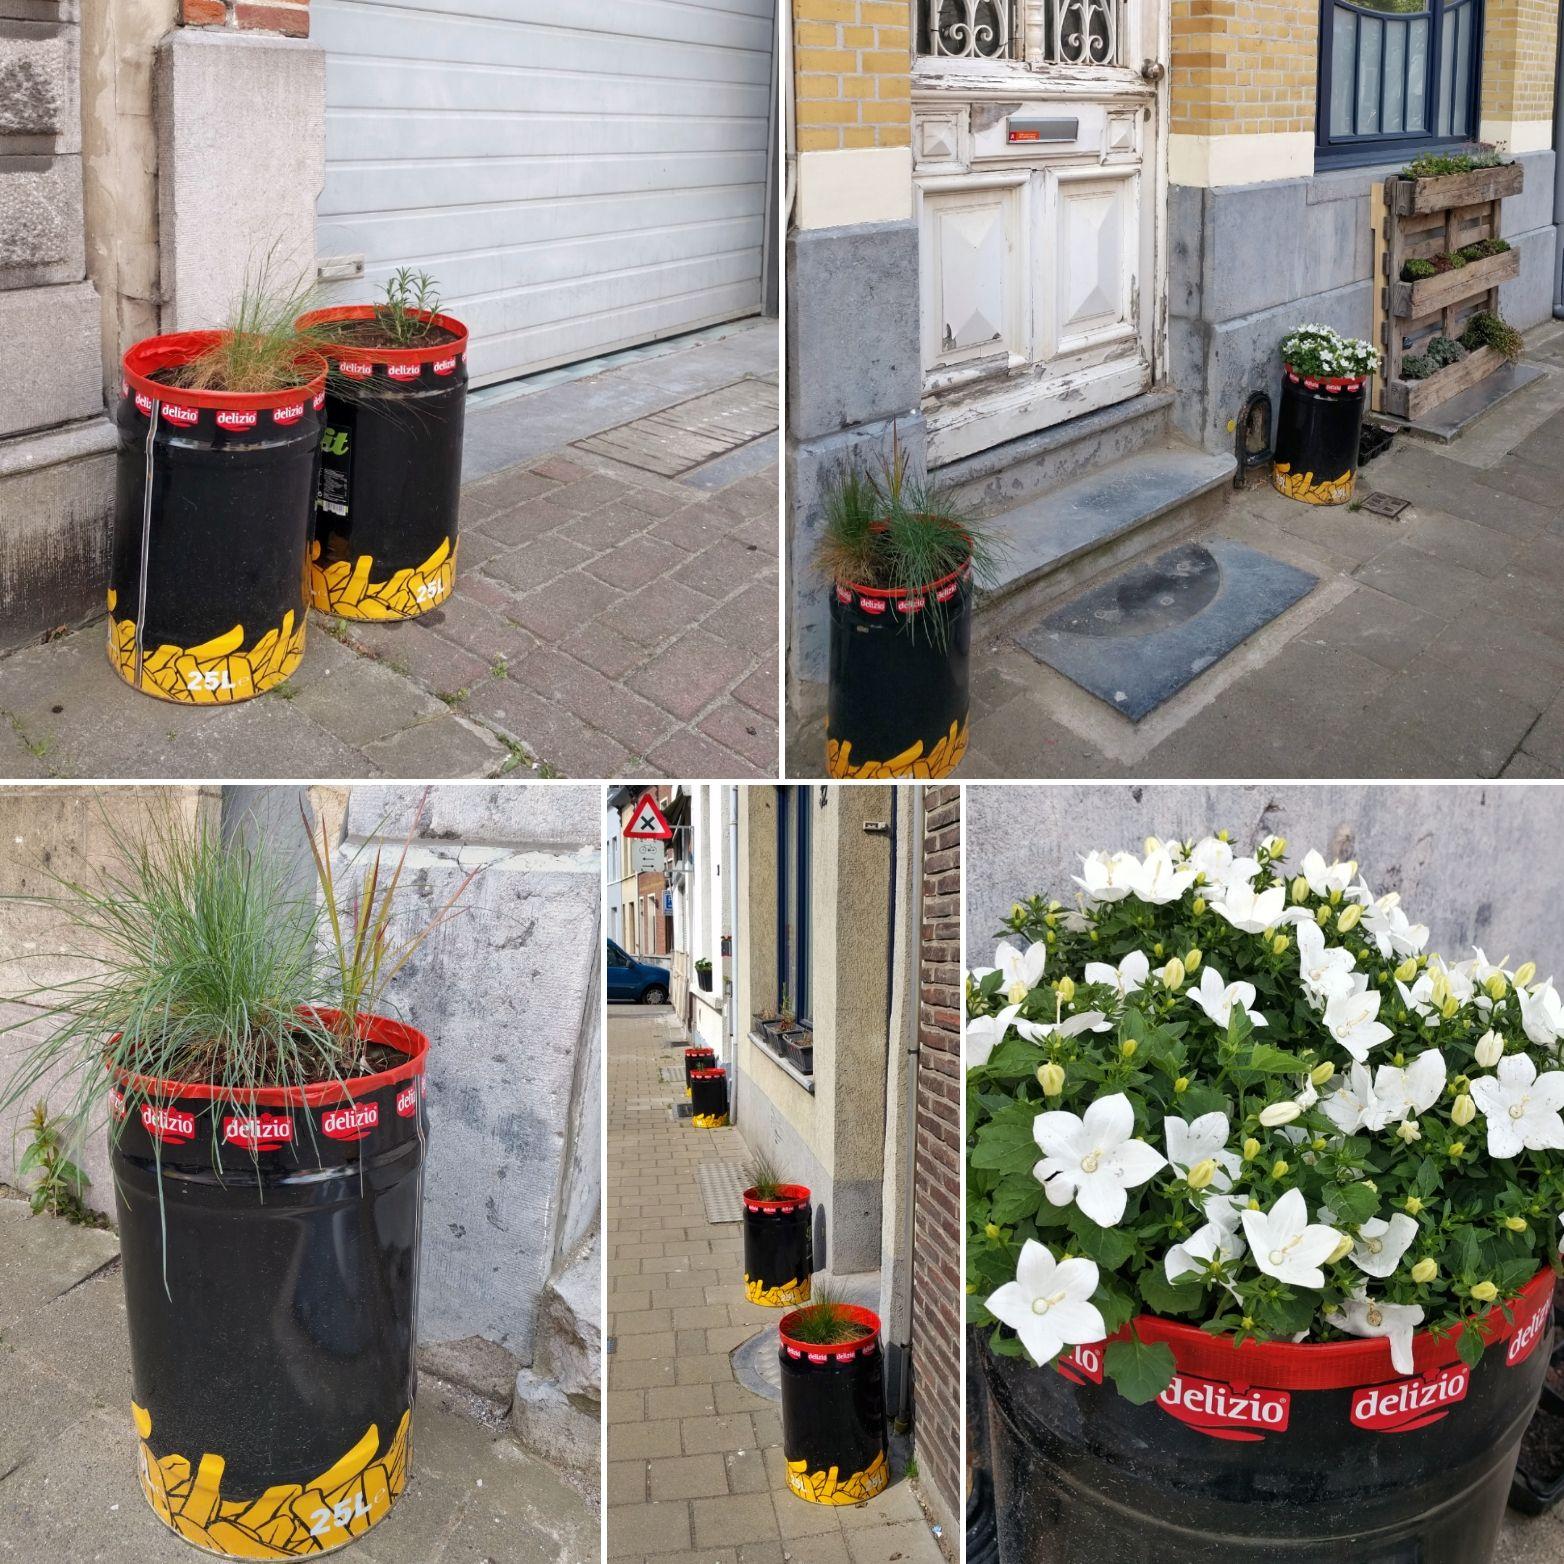 buurt opfleuren plantjes in groot blik